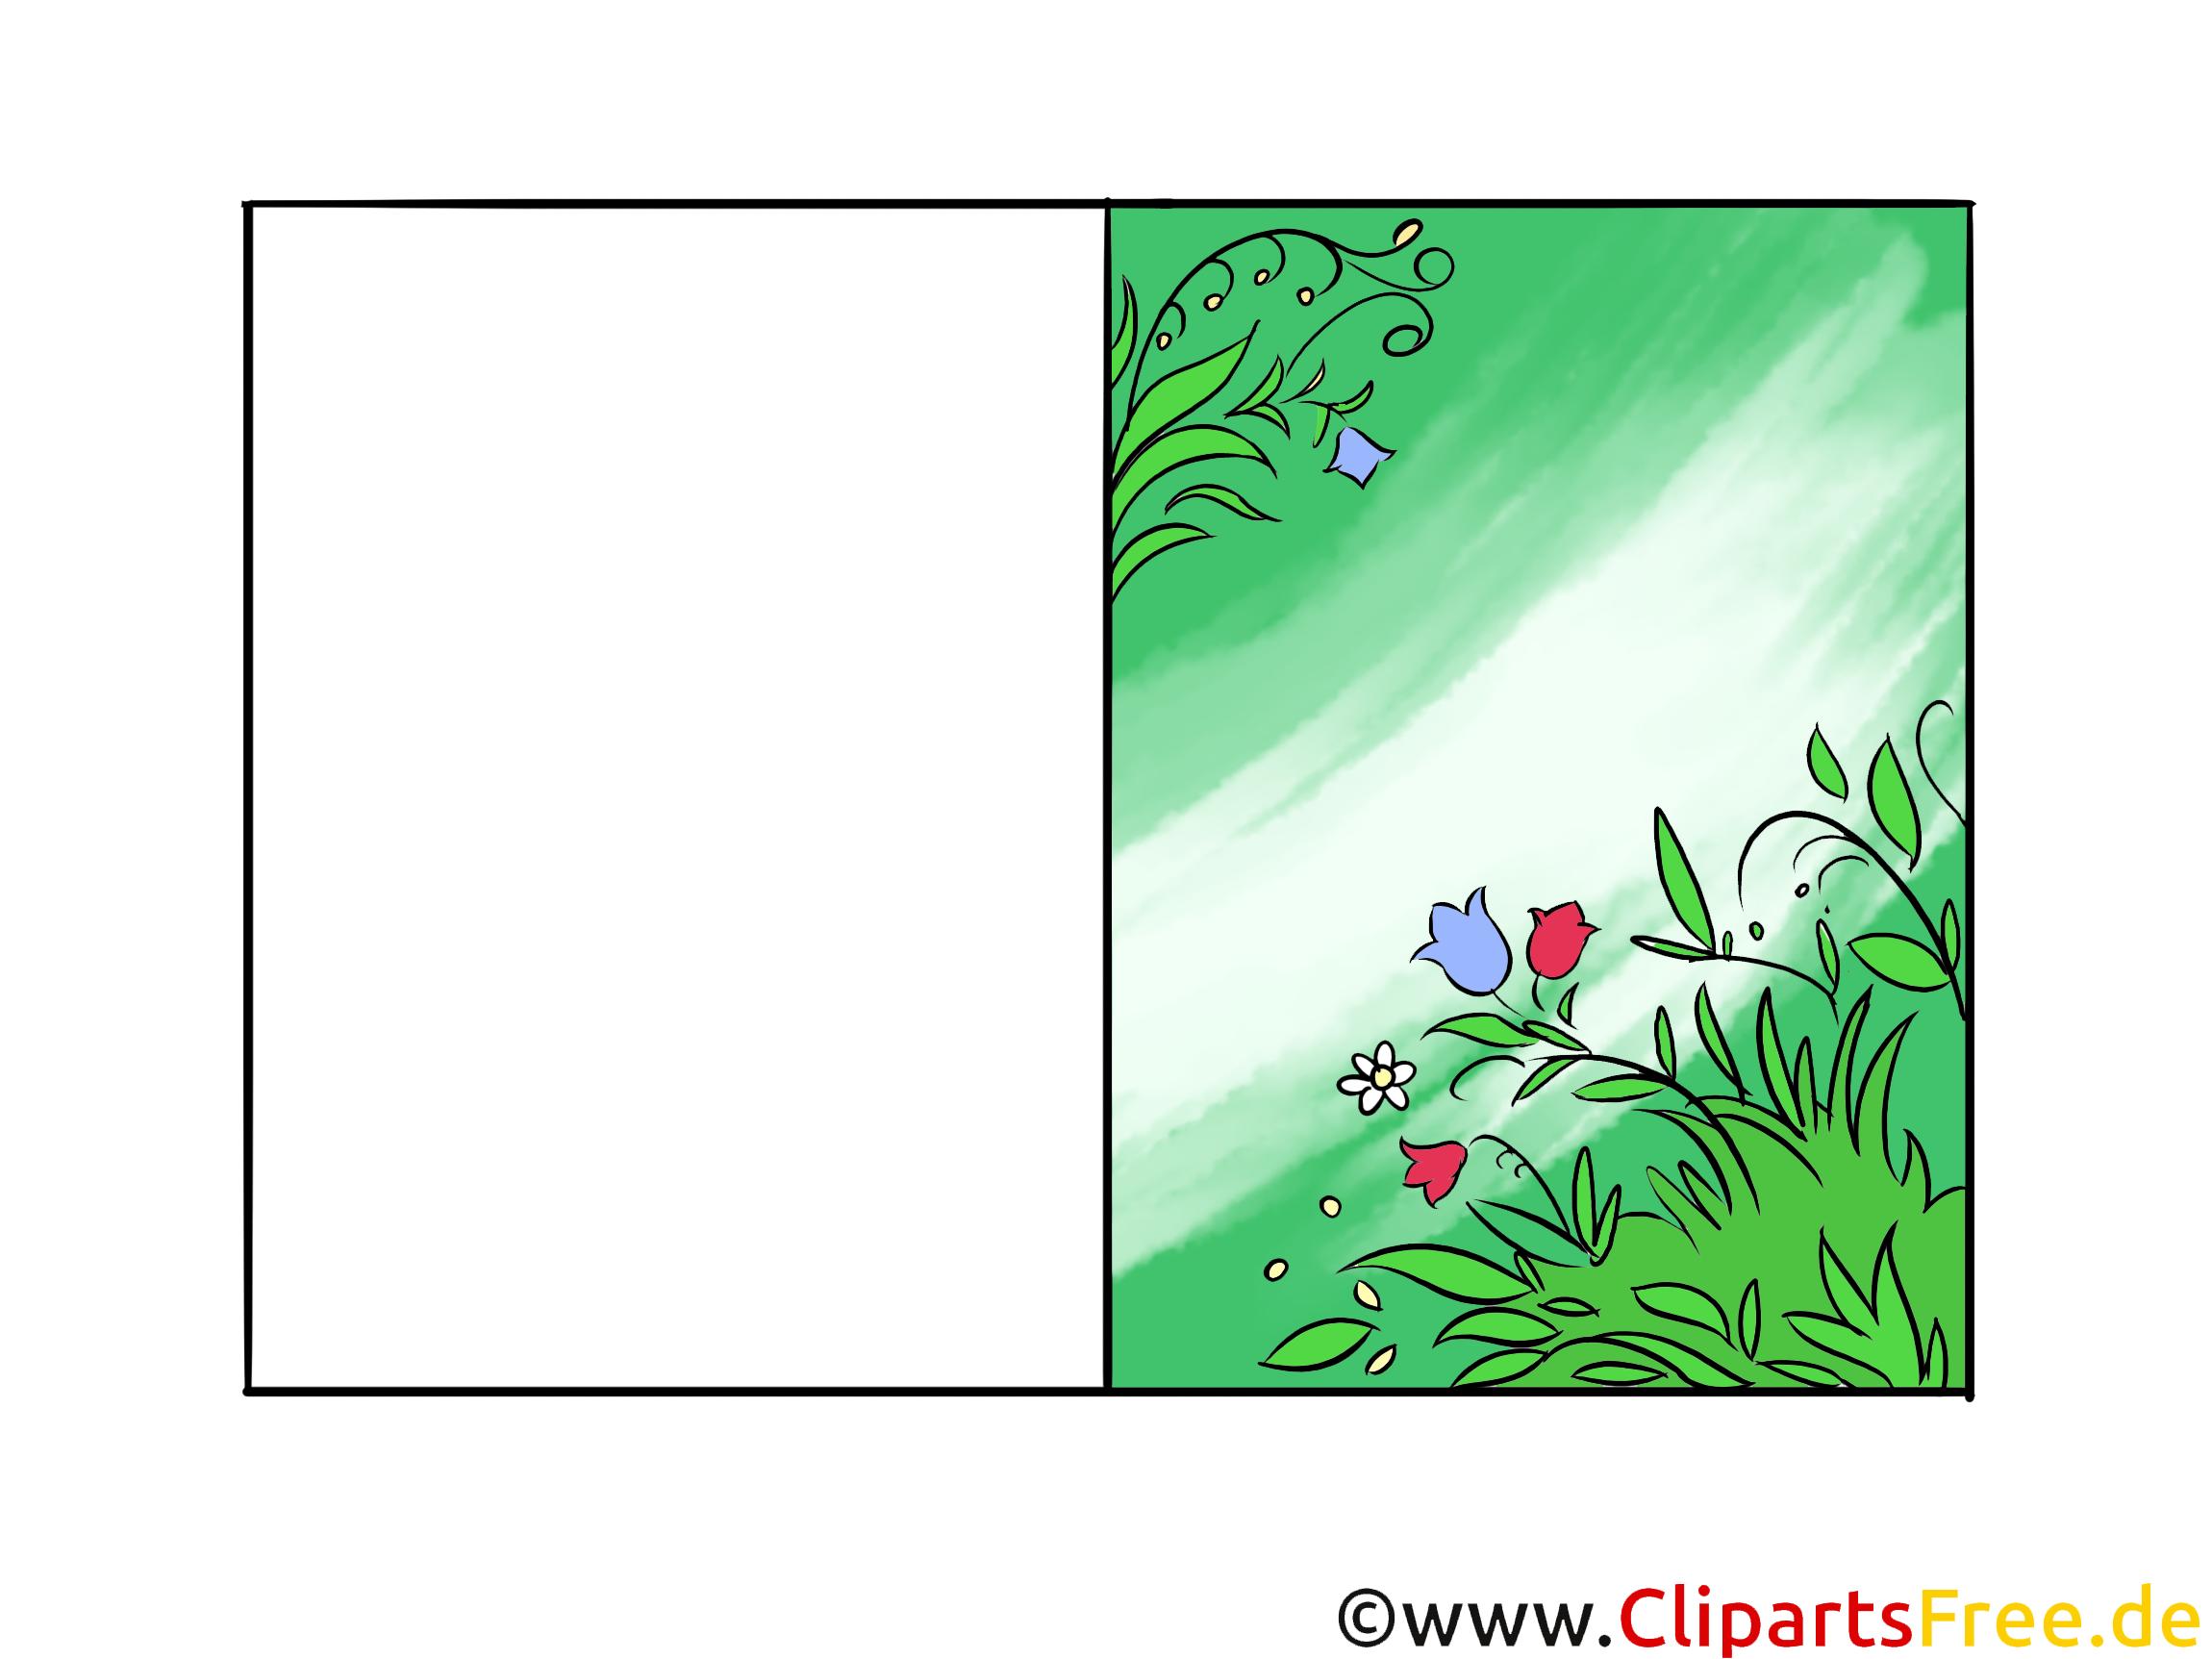 Clipart kostenlos Ostern - Doppelkarte zum Drucken